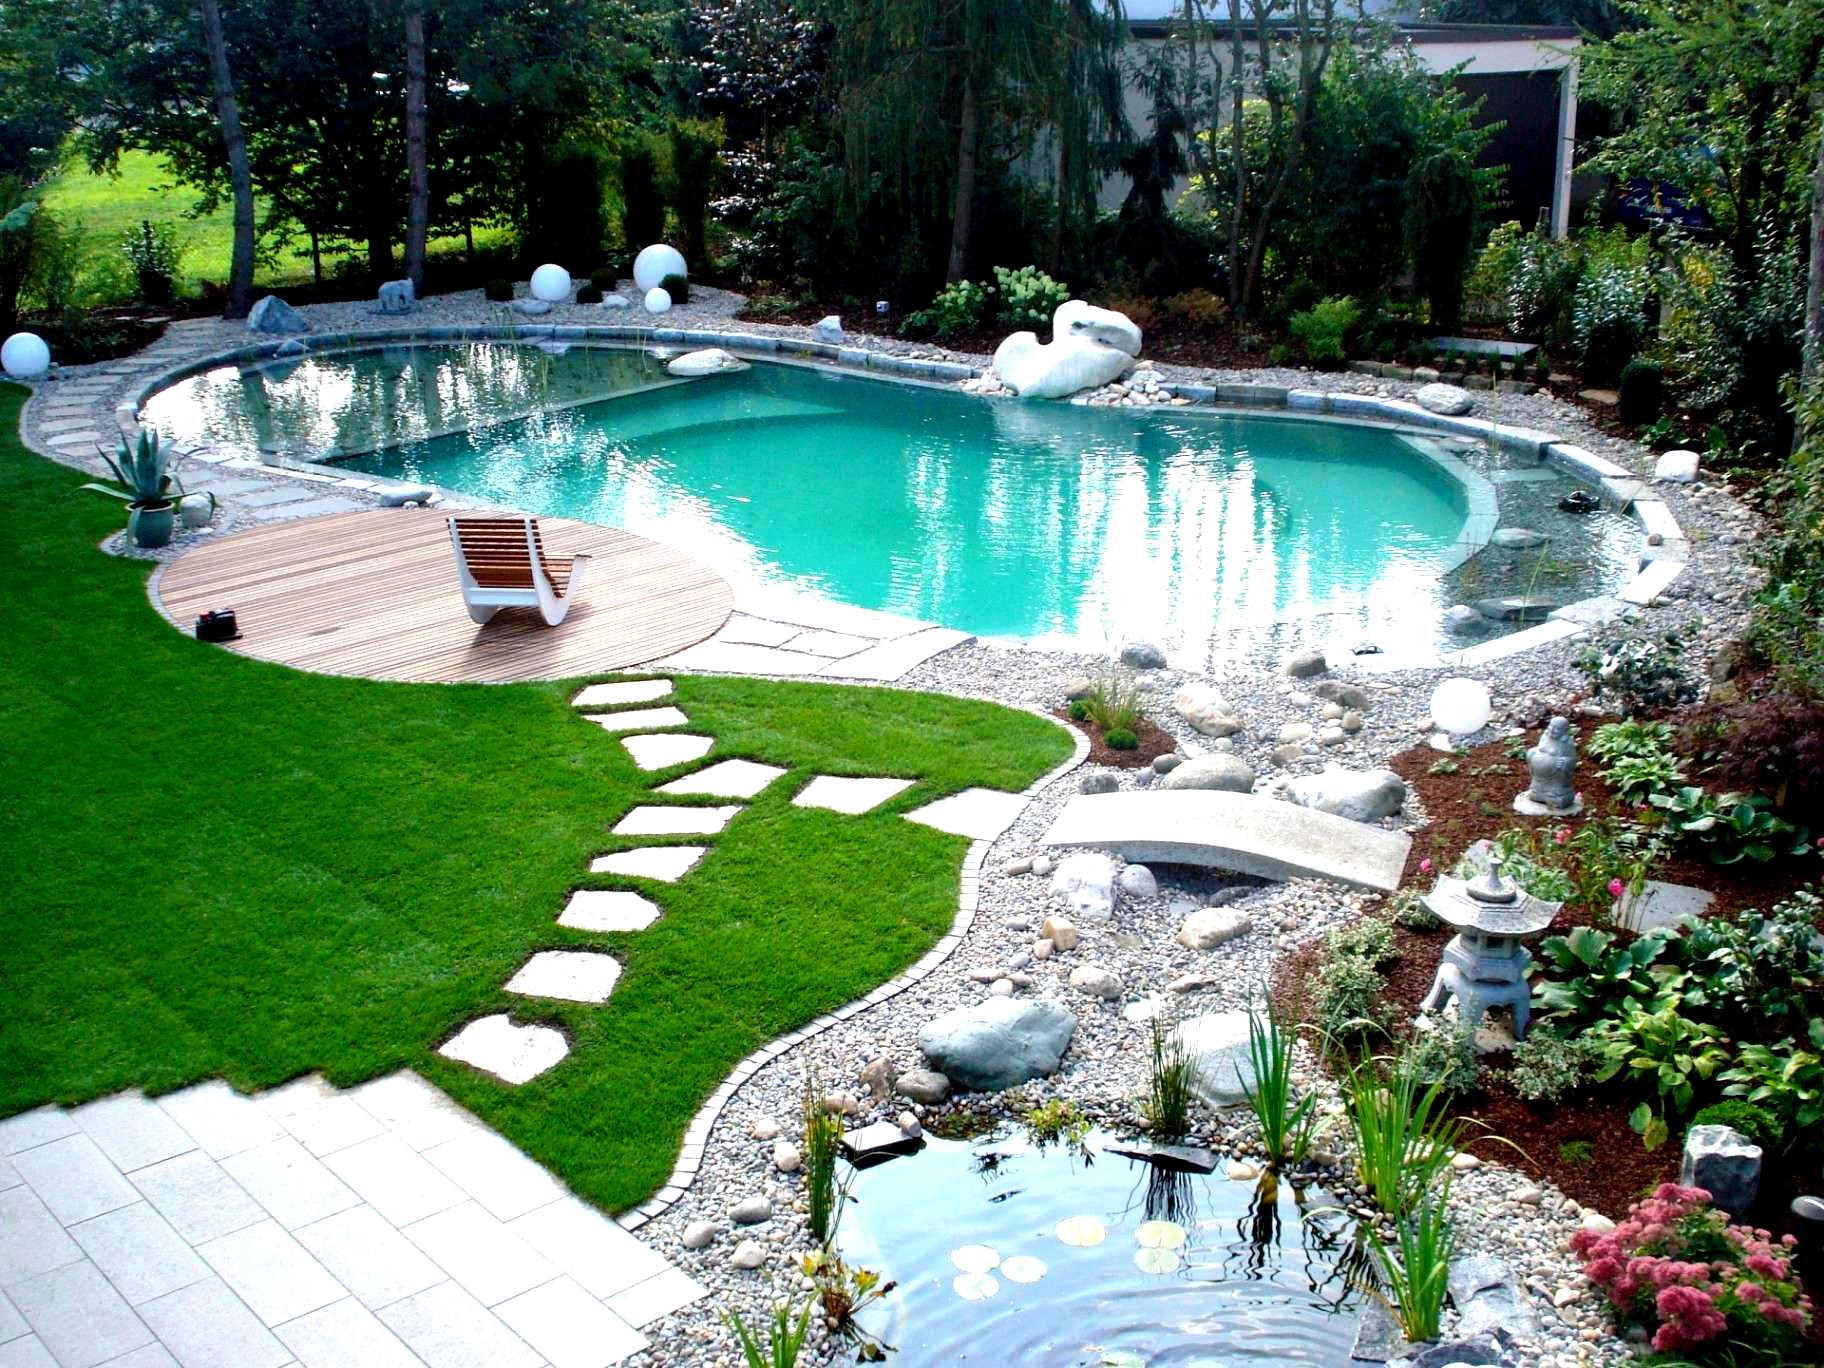 Kleiner Garten Mit Pool Gestalten Einzigartig Gartengestaltung Mit Pool Schn Garten Und Pool Gestaltung 42 Backyard Pool Designs Luxury Garden Pool Designs